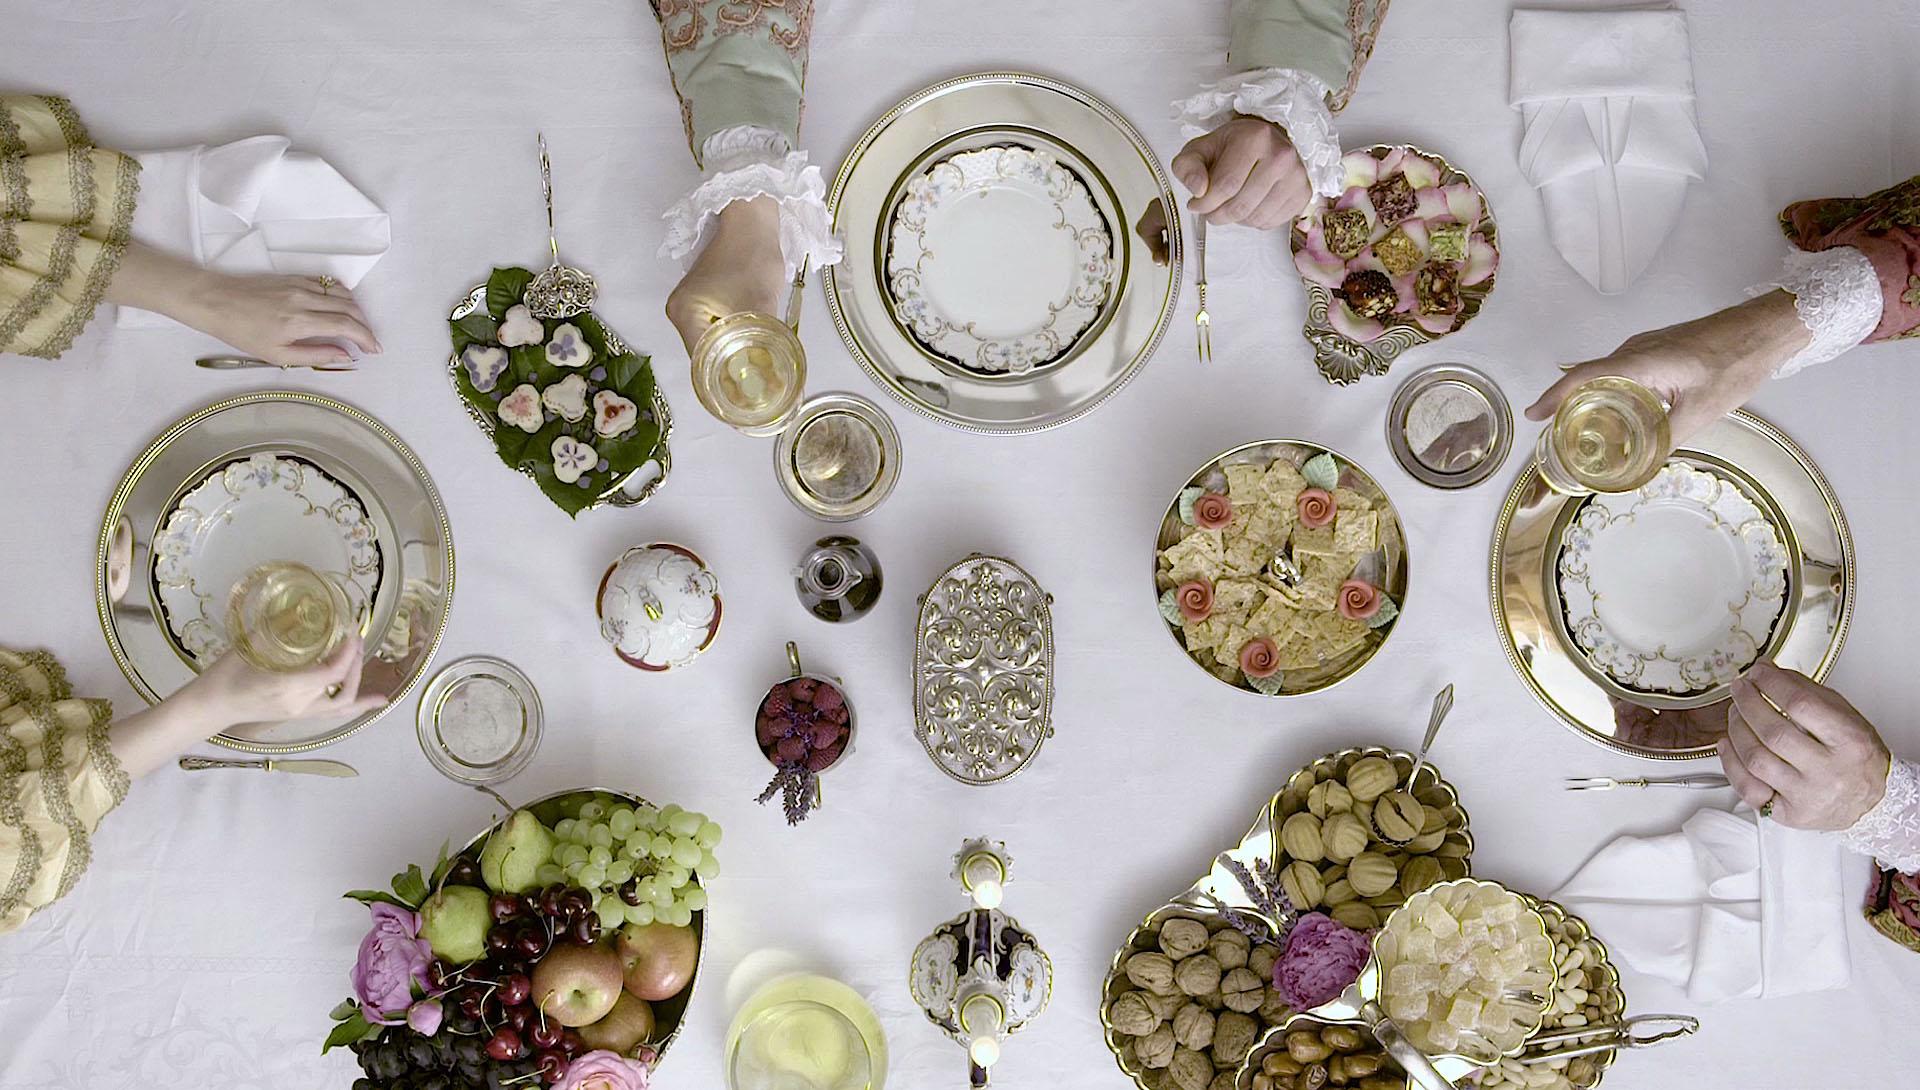 vineum bodensee Trinkkulturen Projection - Topshot gedeckter Tisch